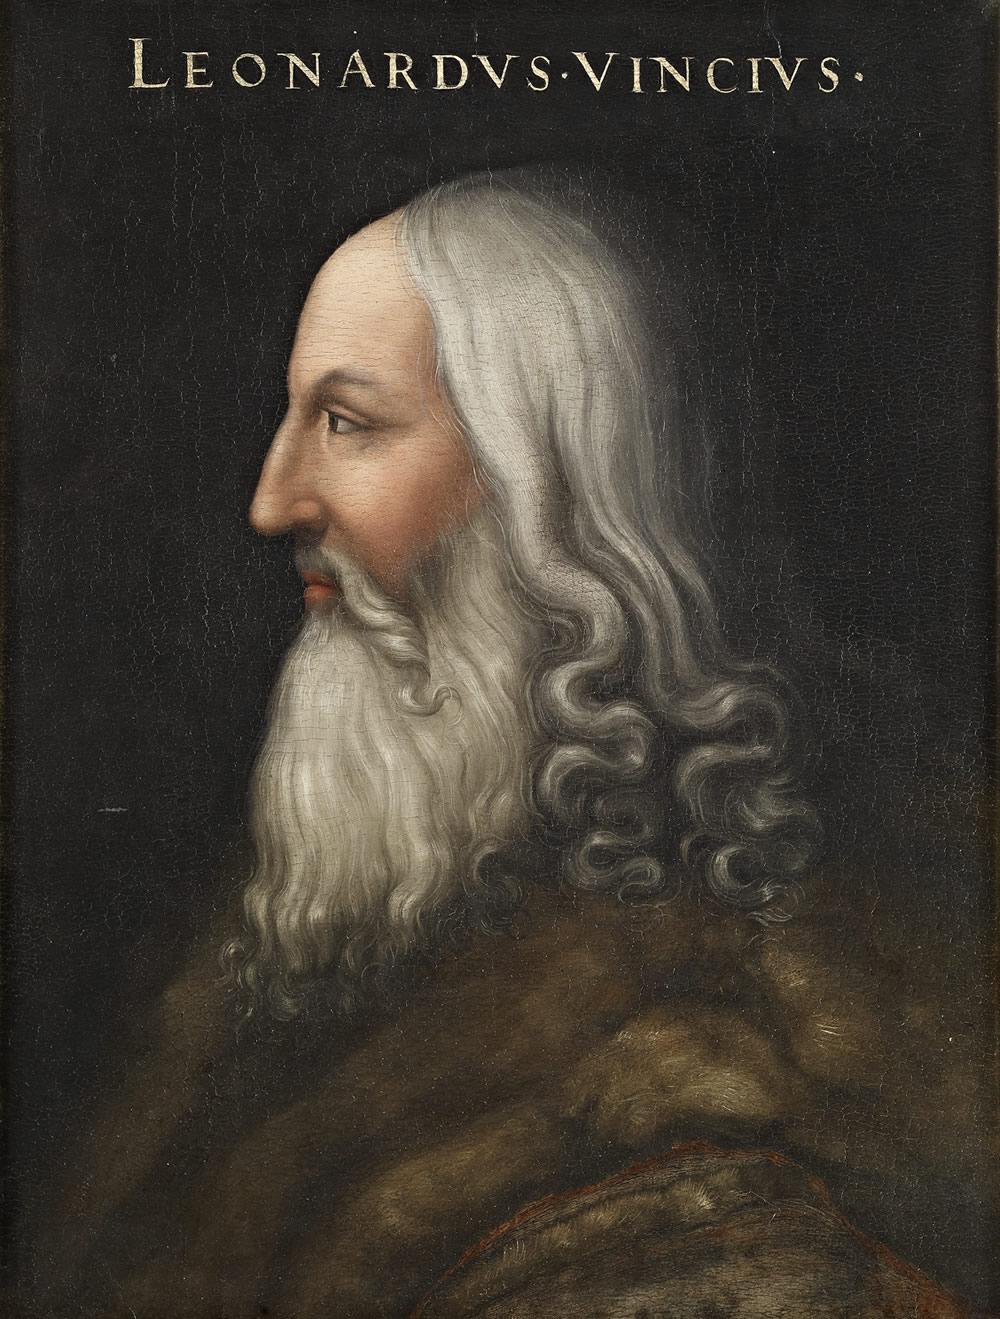 ㈰クリストーファノ・デッラルティッシモ 《レオナルド・ダ・ヴィンチの肖像》